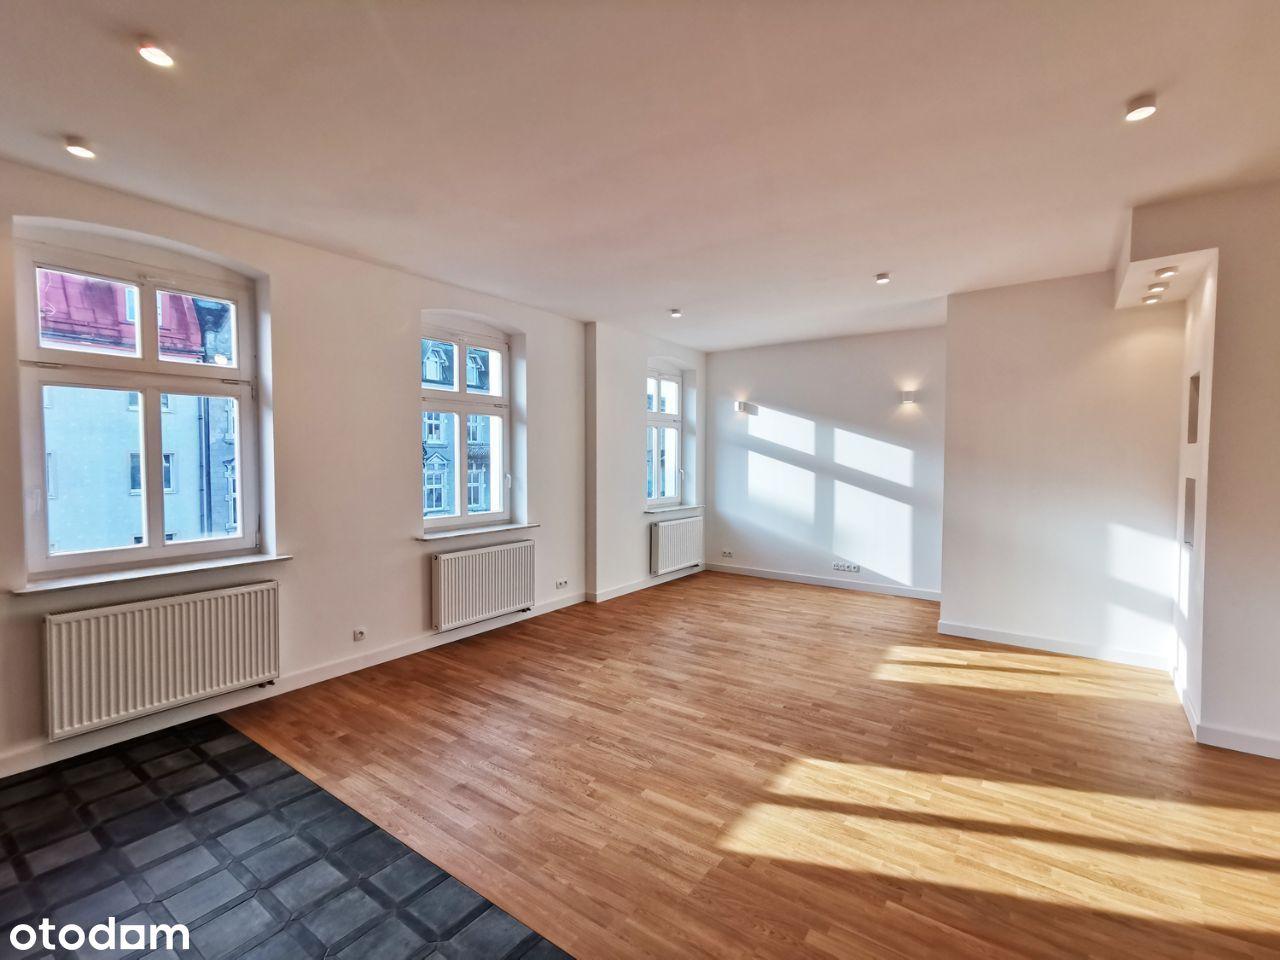 Luksusowy apartament w kamienicy + piwnica 120 m2